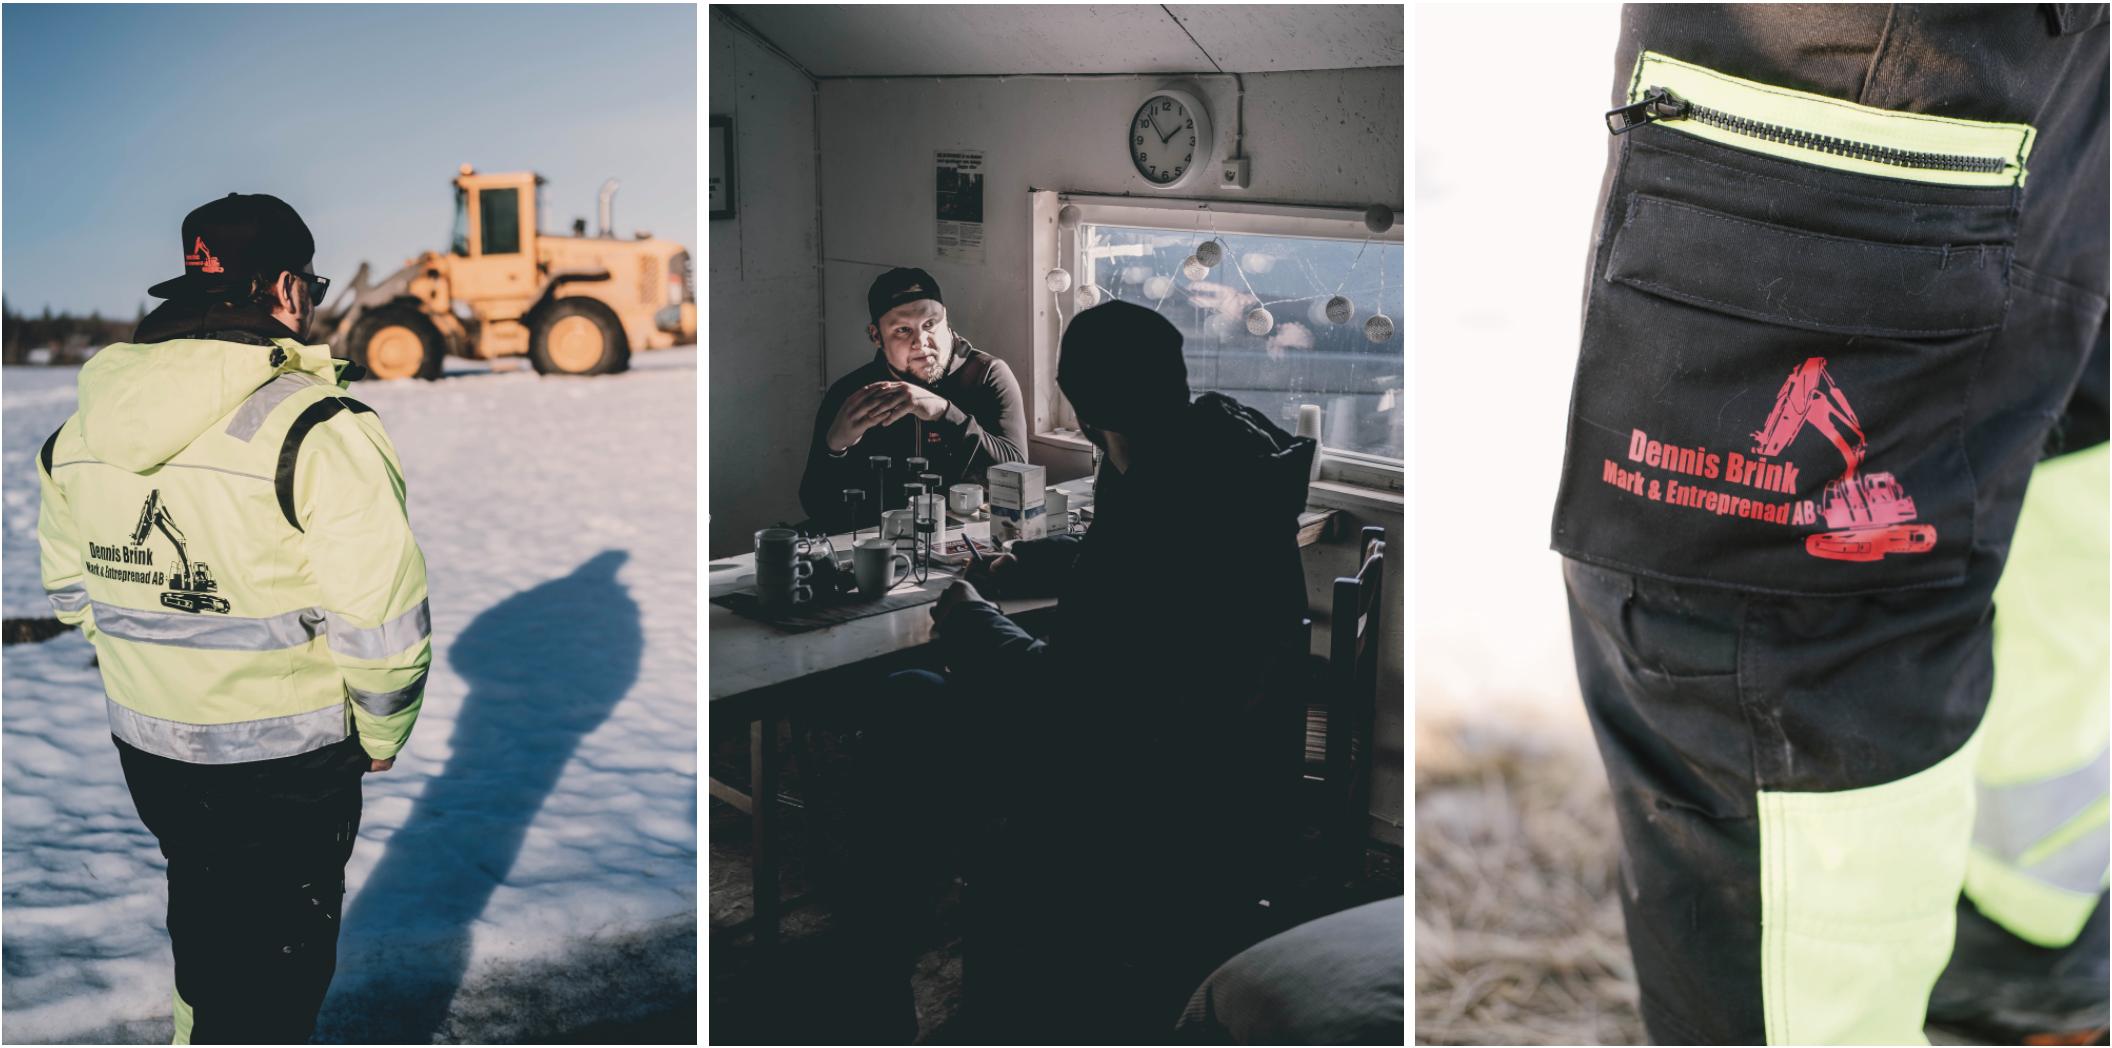 Foto: Mattias Färnstrand, 2019. KUXAGRUPPEN AB